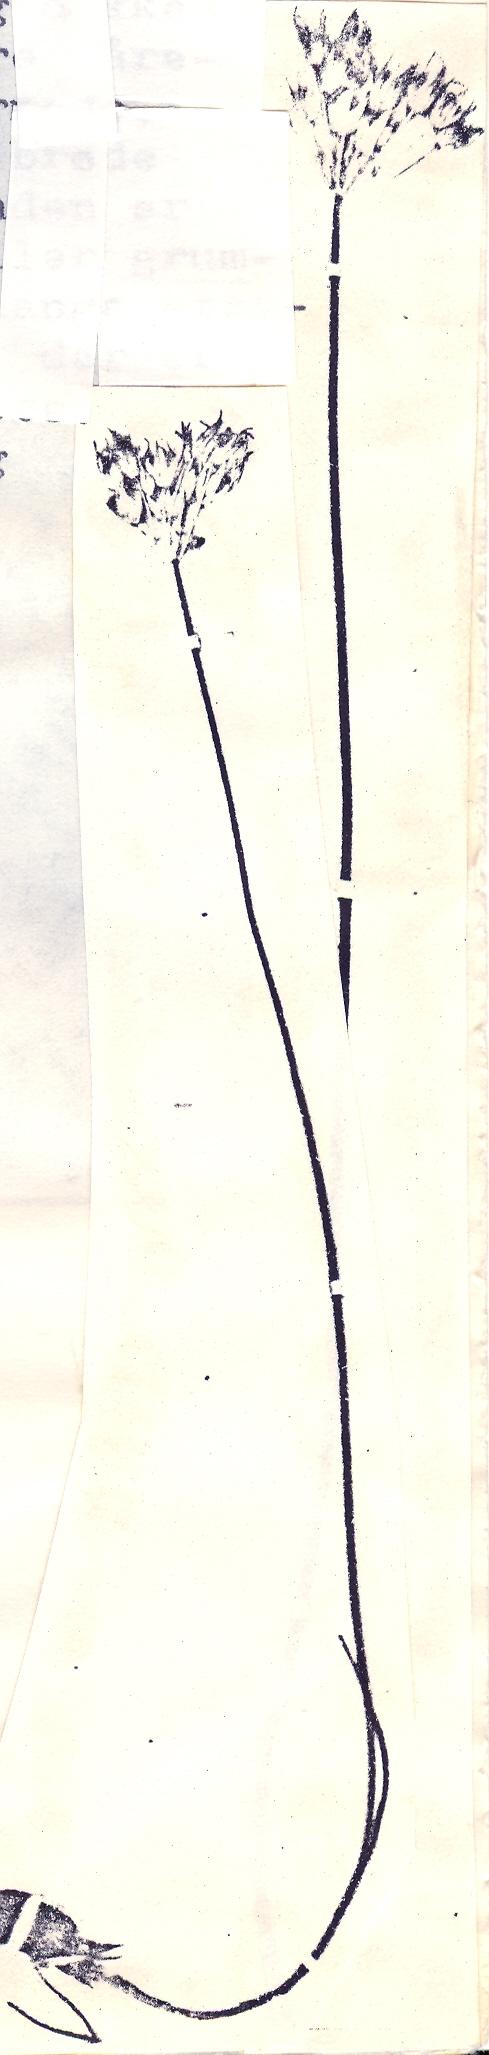 Allium%20inconspicuum.jpg